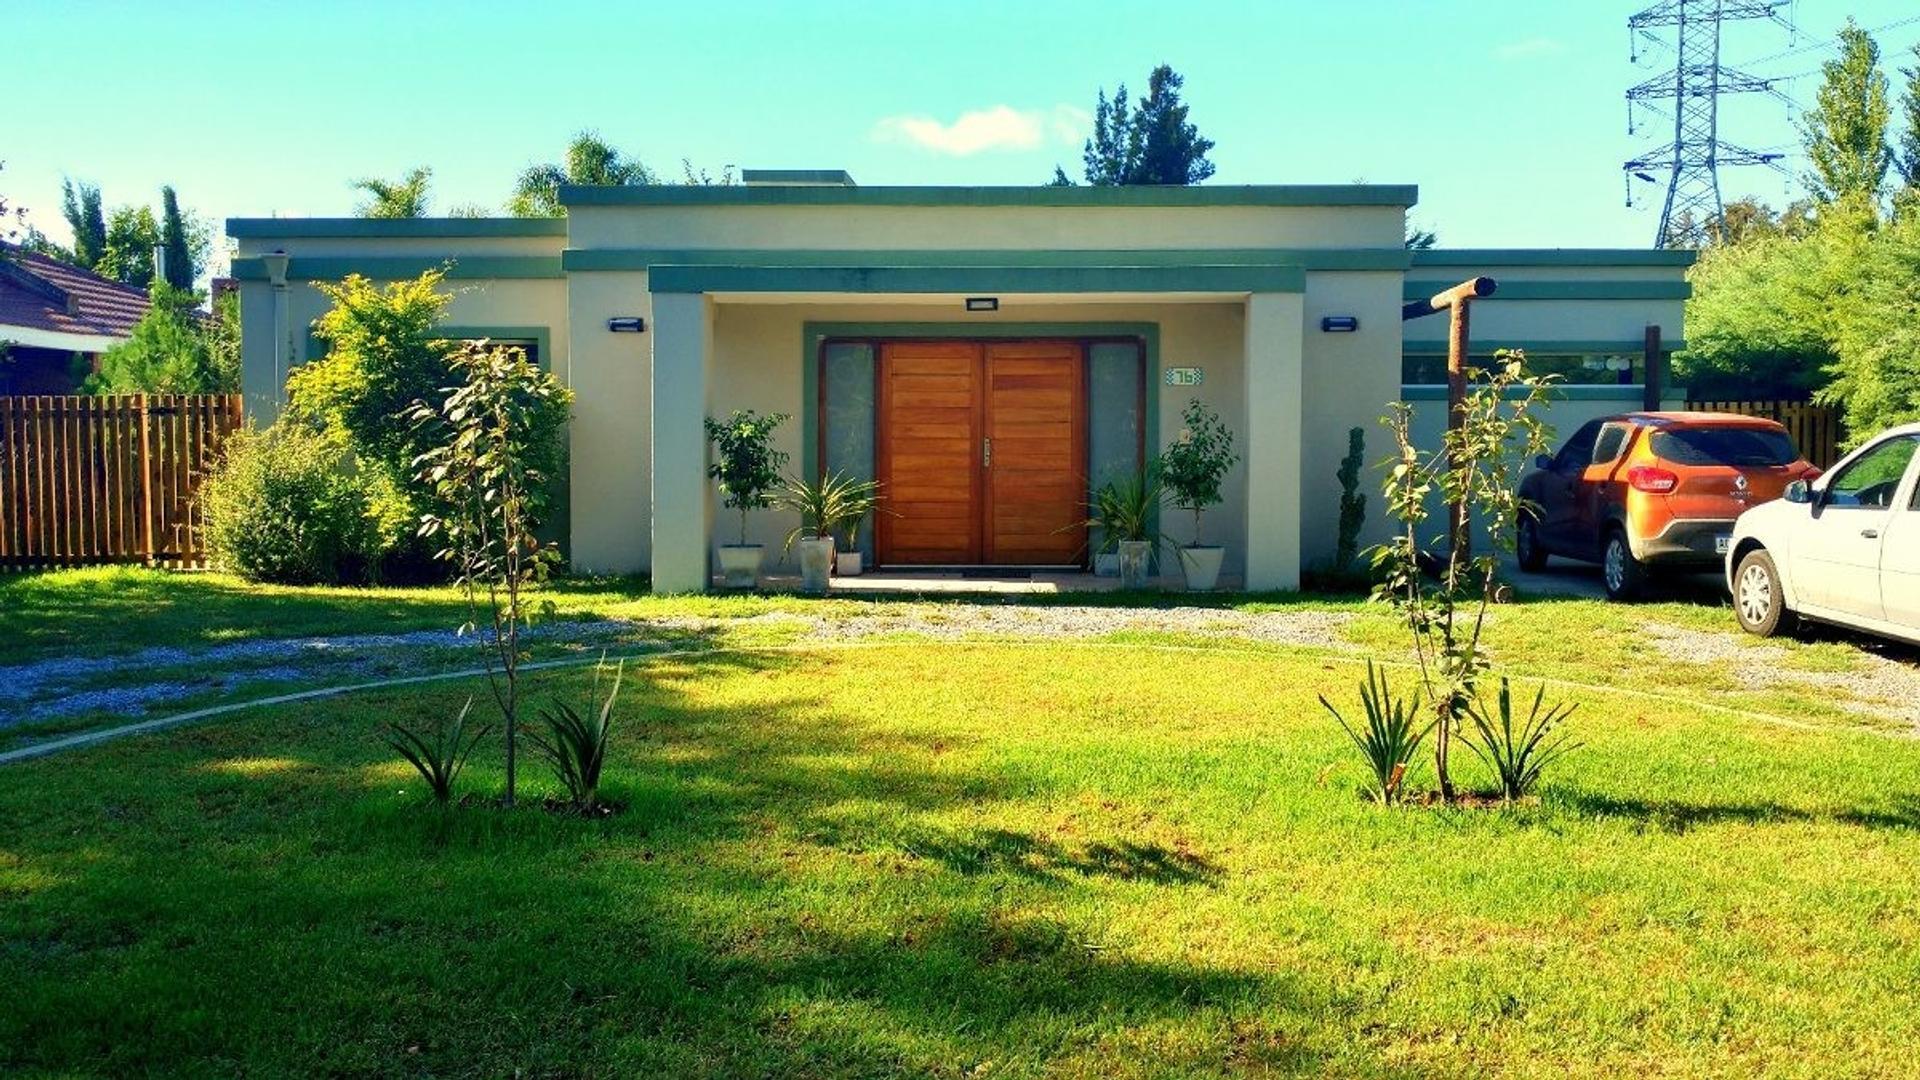 Casa en Venta en Las Condes - 5 ambientes